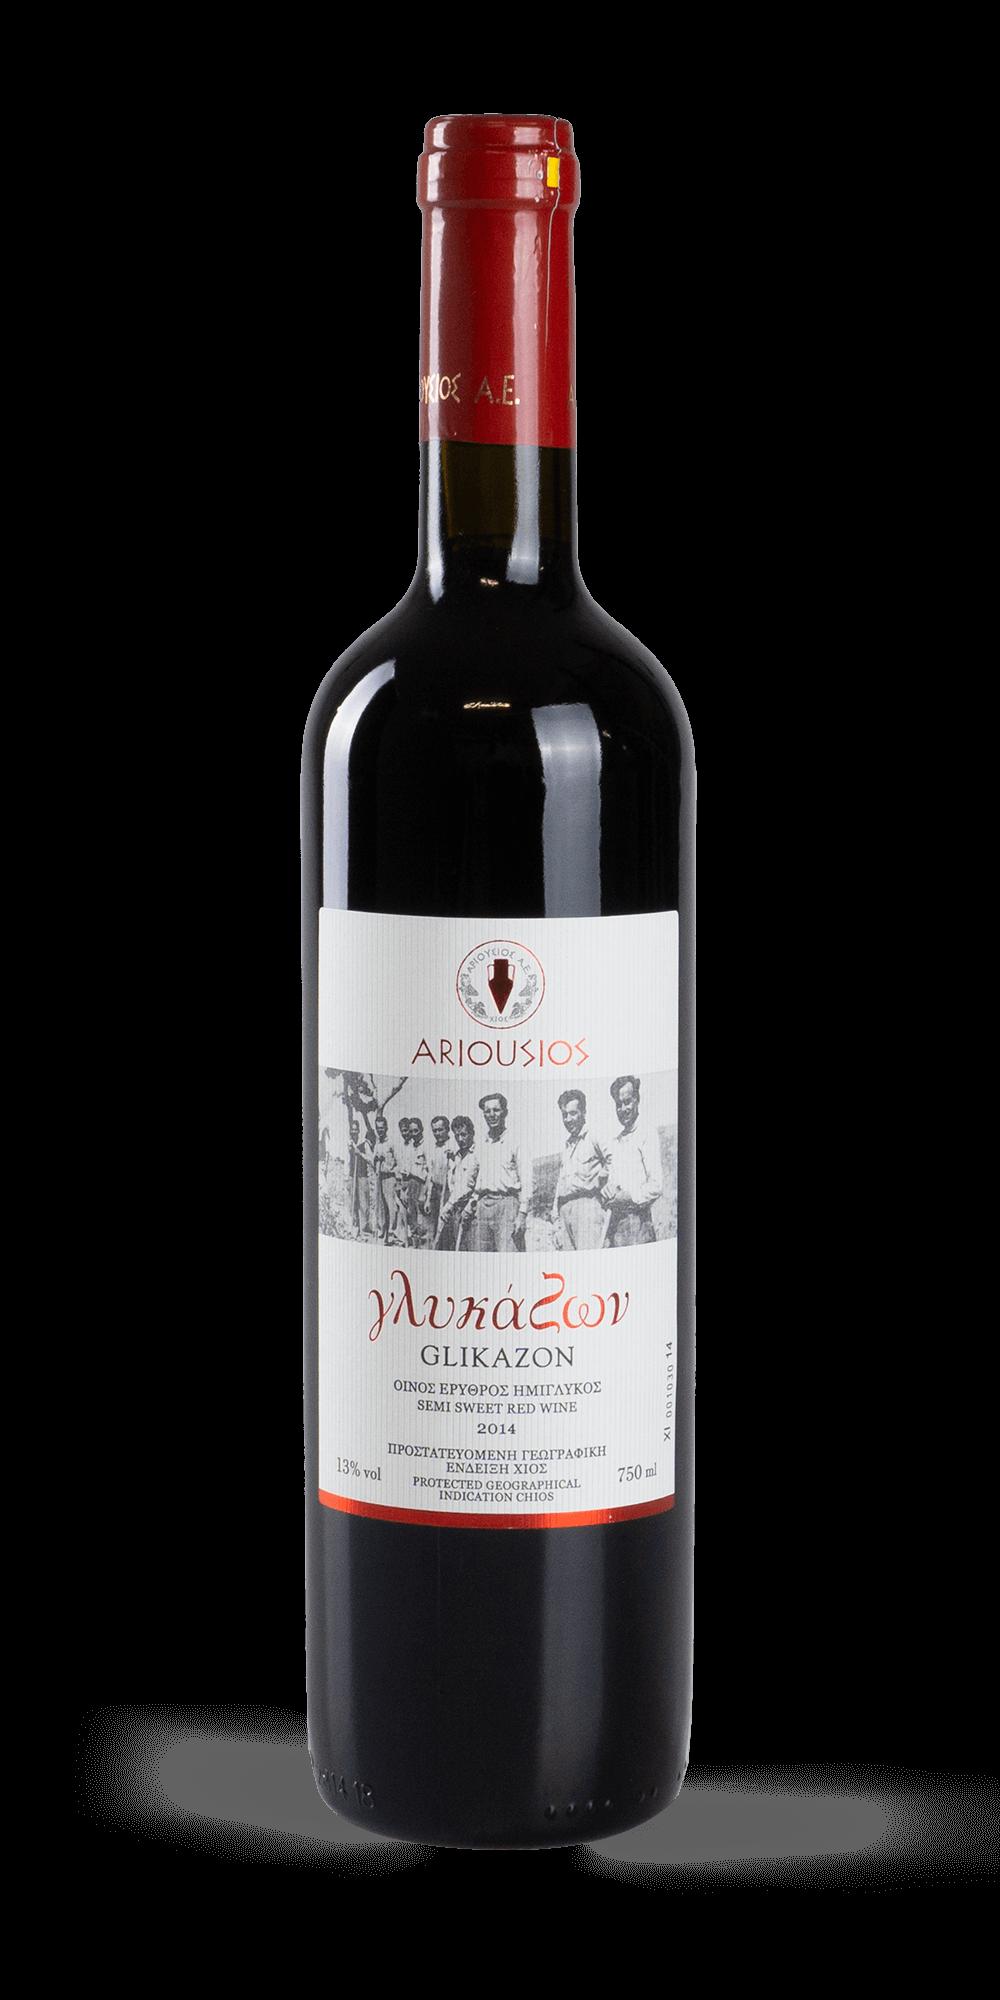 Glikazon 2014 - Ariousios Winery